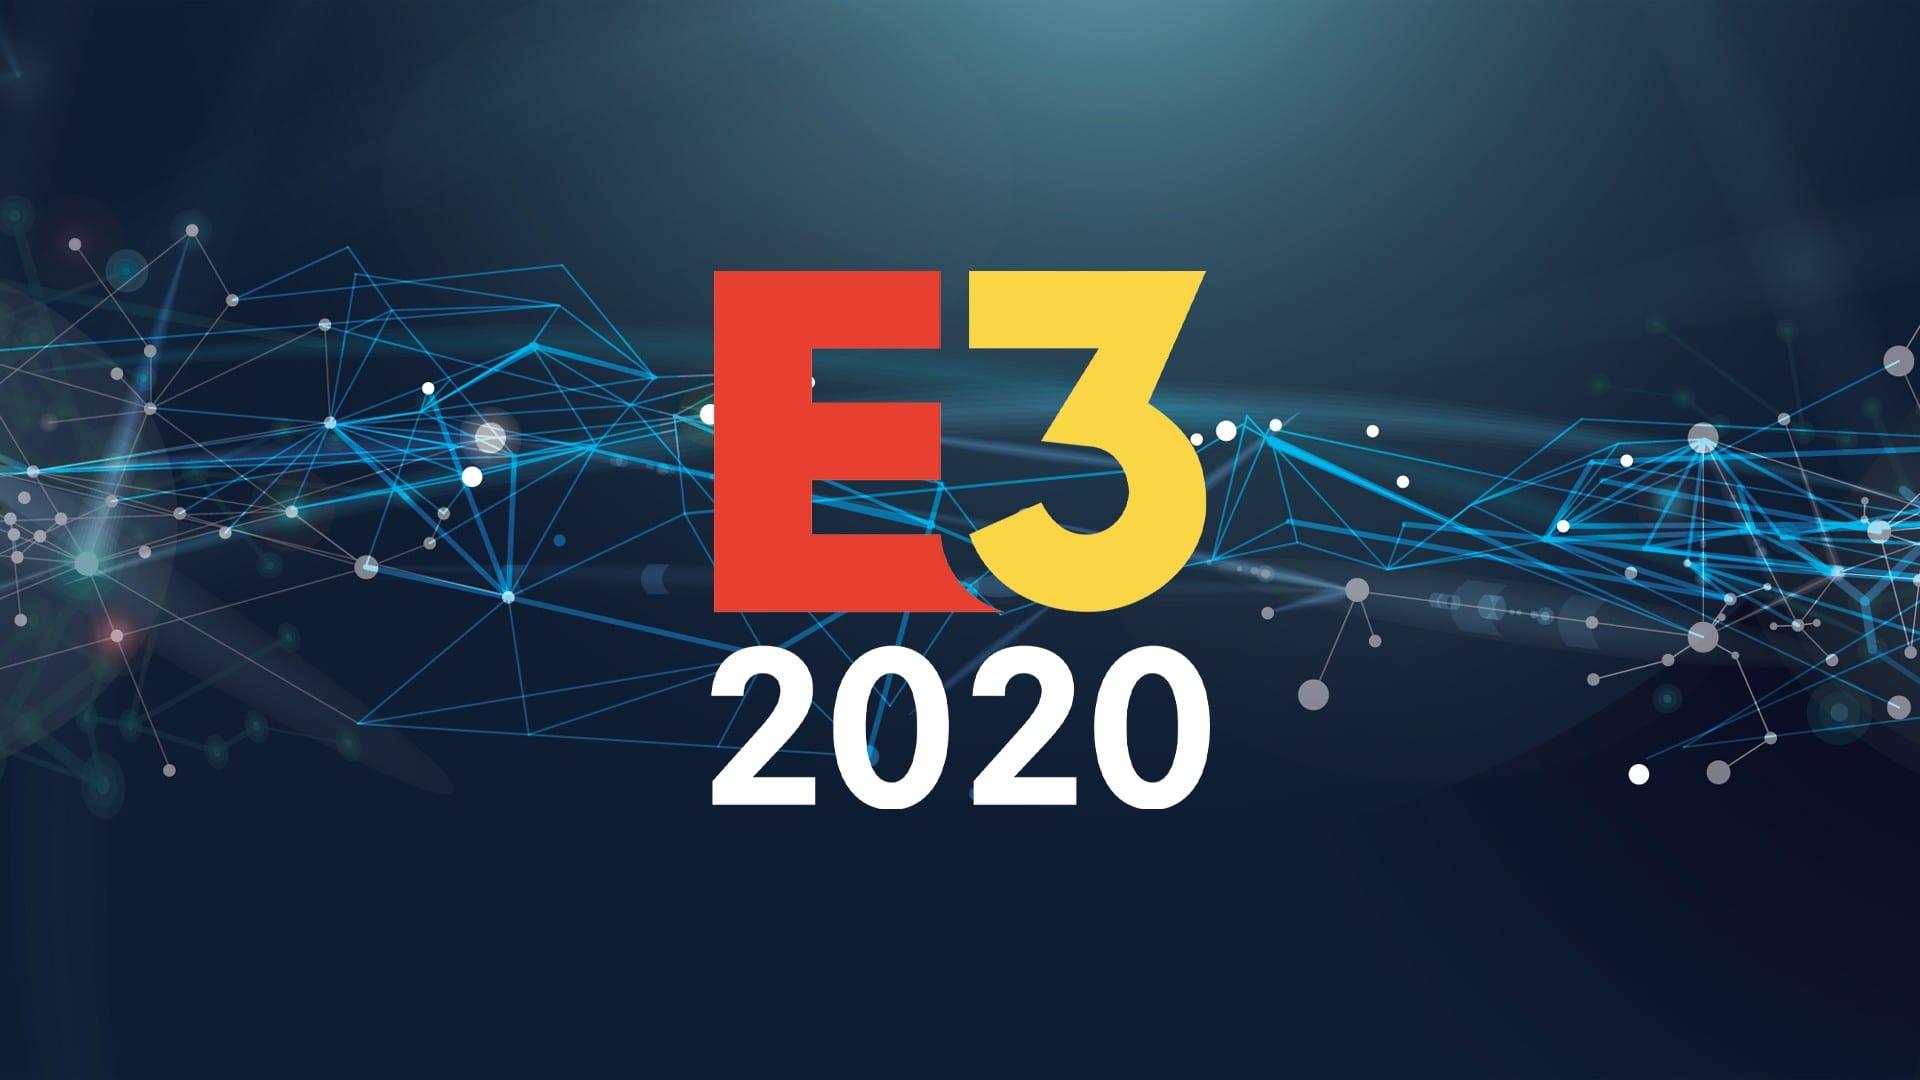 L'E3 2020 è stato ufficialmente cancellato